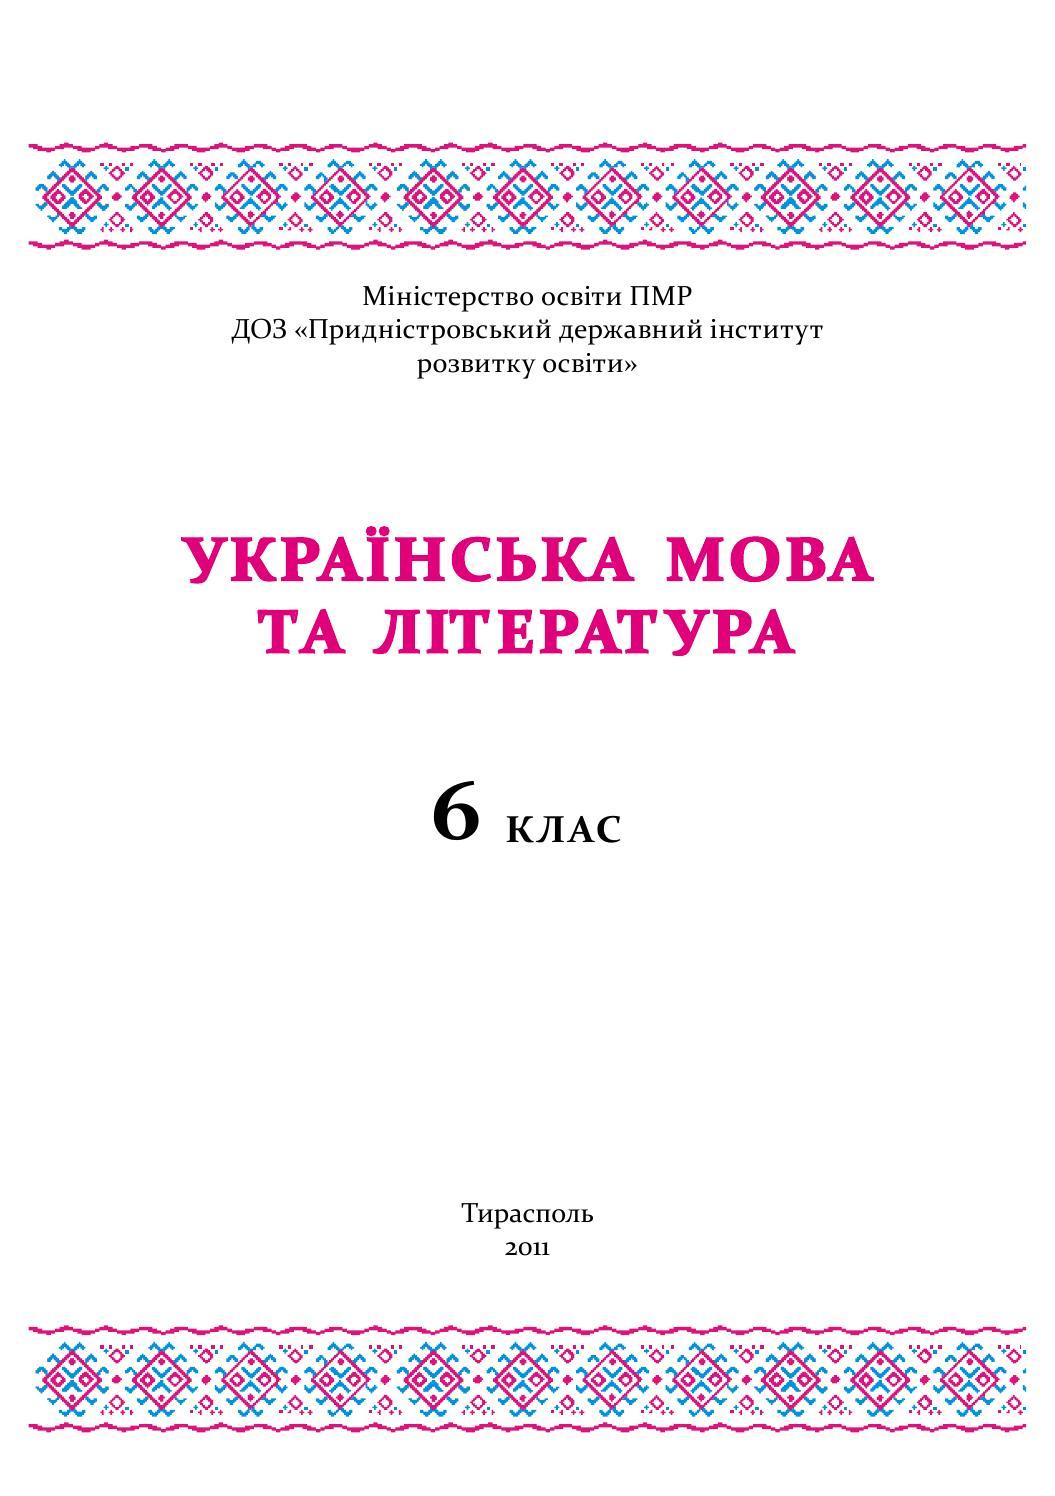 Экономика 6 класс гдз м.в сивов научный редактор